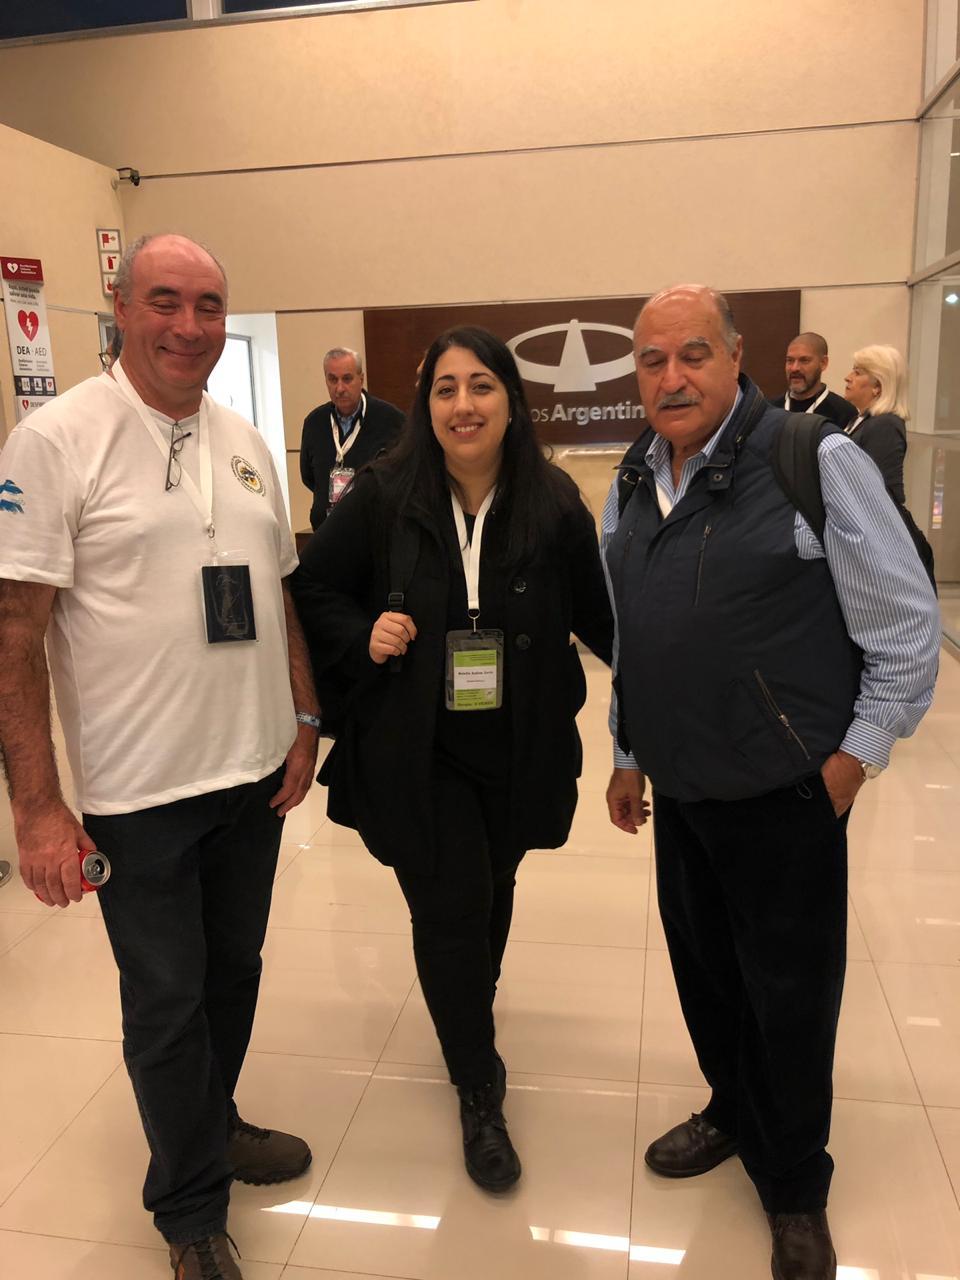 Sergio Aguirre, hijo de un caído en Malvinas, Natalia Curcio de AA 2000, y Roberto Curilovic, piloto de Super Étendard durante la guerra y director de Desarrollo de Negocios de AA 2000